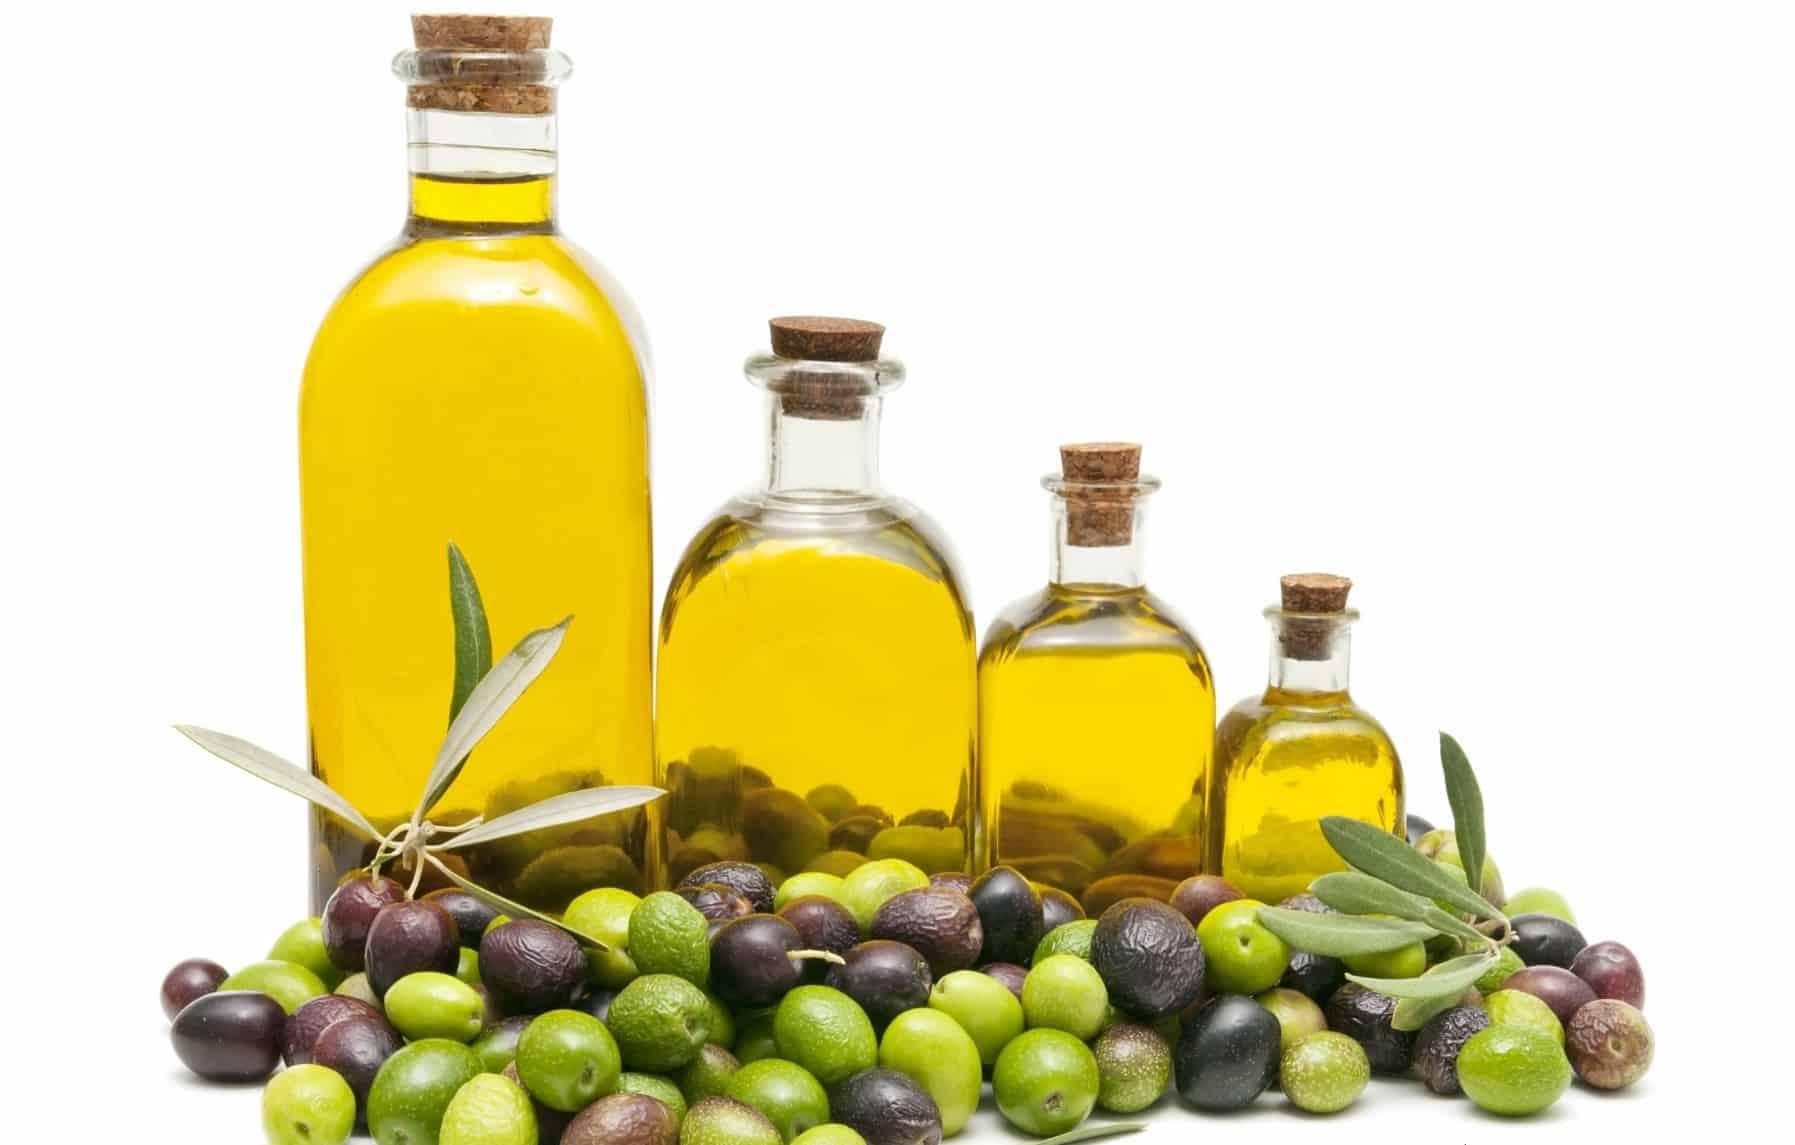 هل يمكن لزيت الزيتون أن يساعد على التنحيف؟